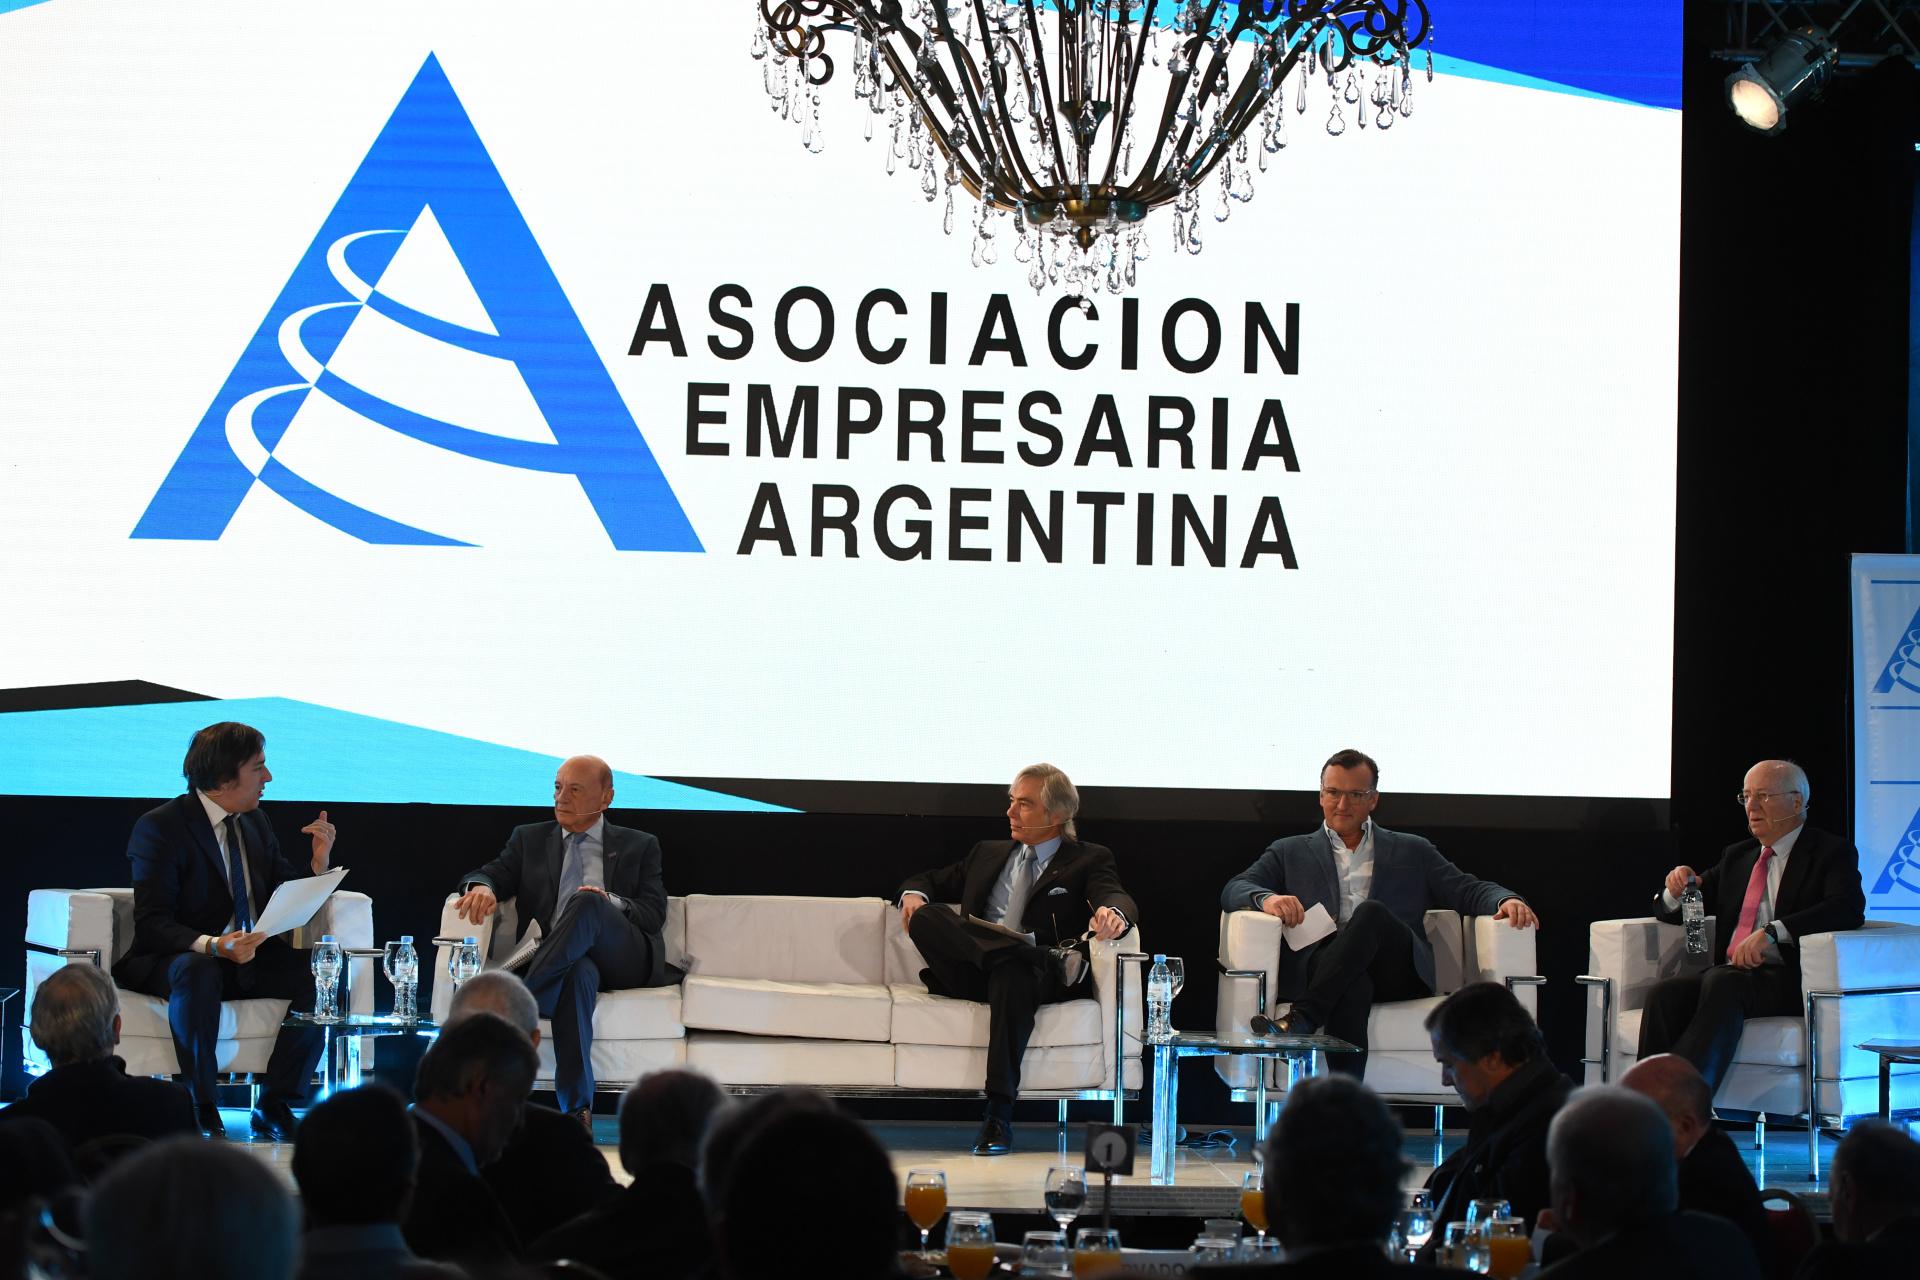 23 fotos de la IV Jornada de AEA: los empresarios más importantes del país  escucharon a Mauricio Macri - Infobae